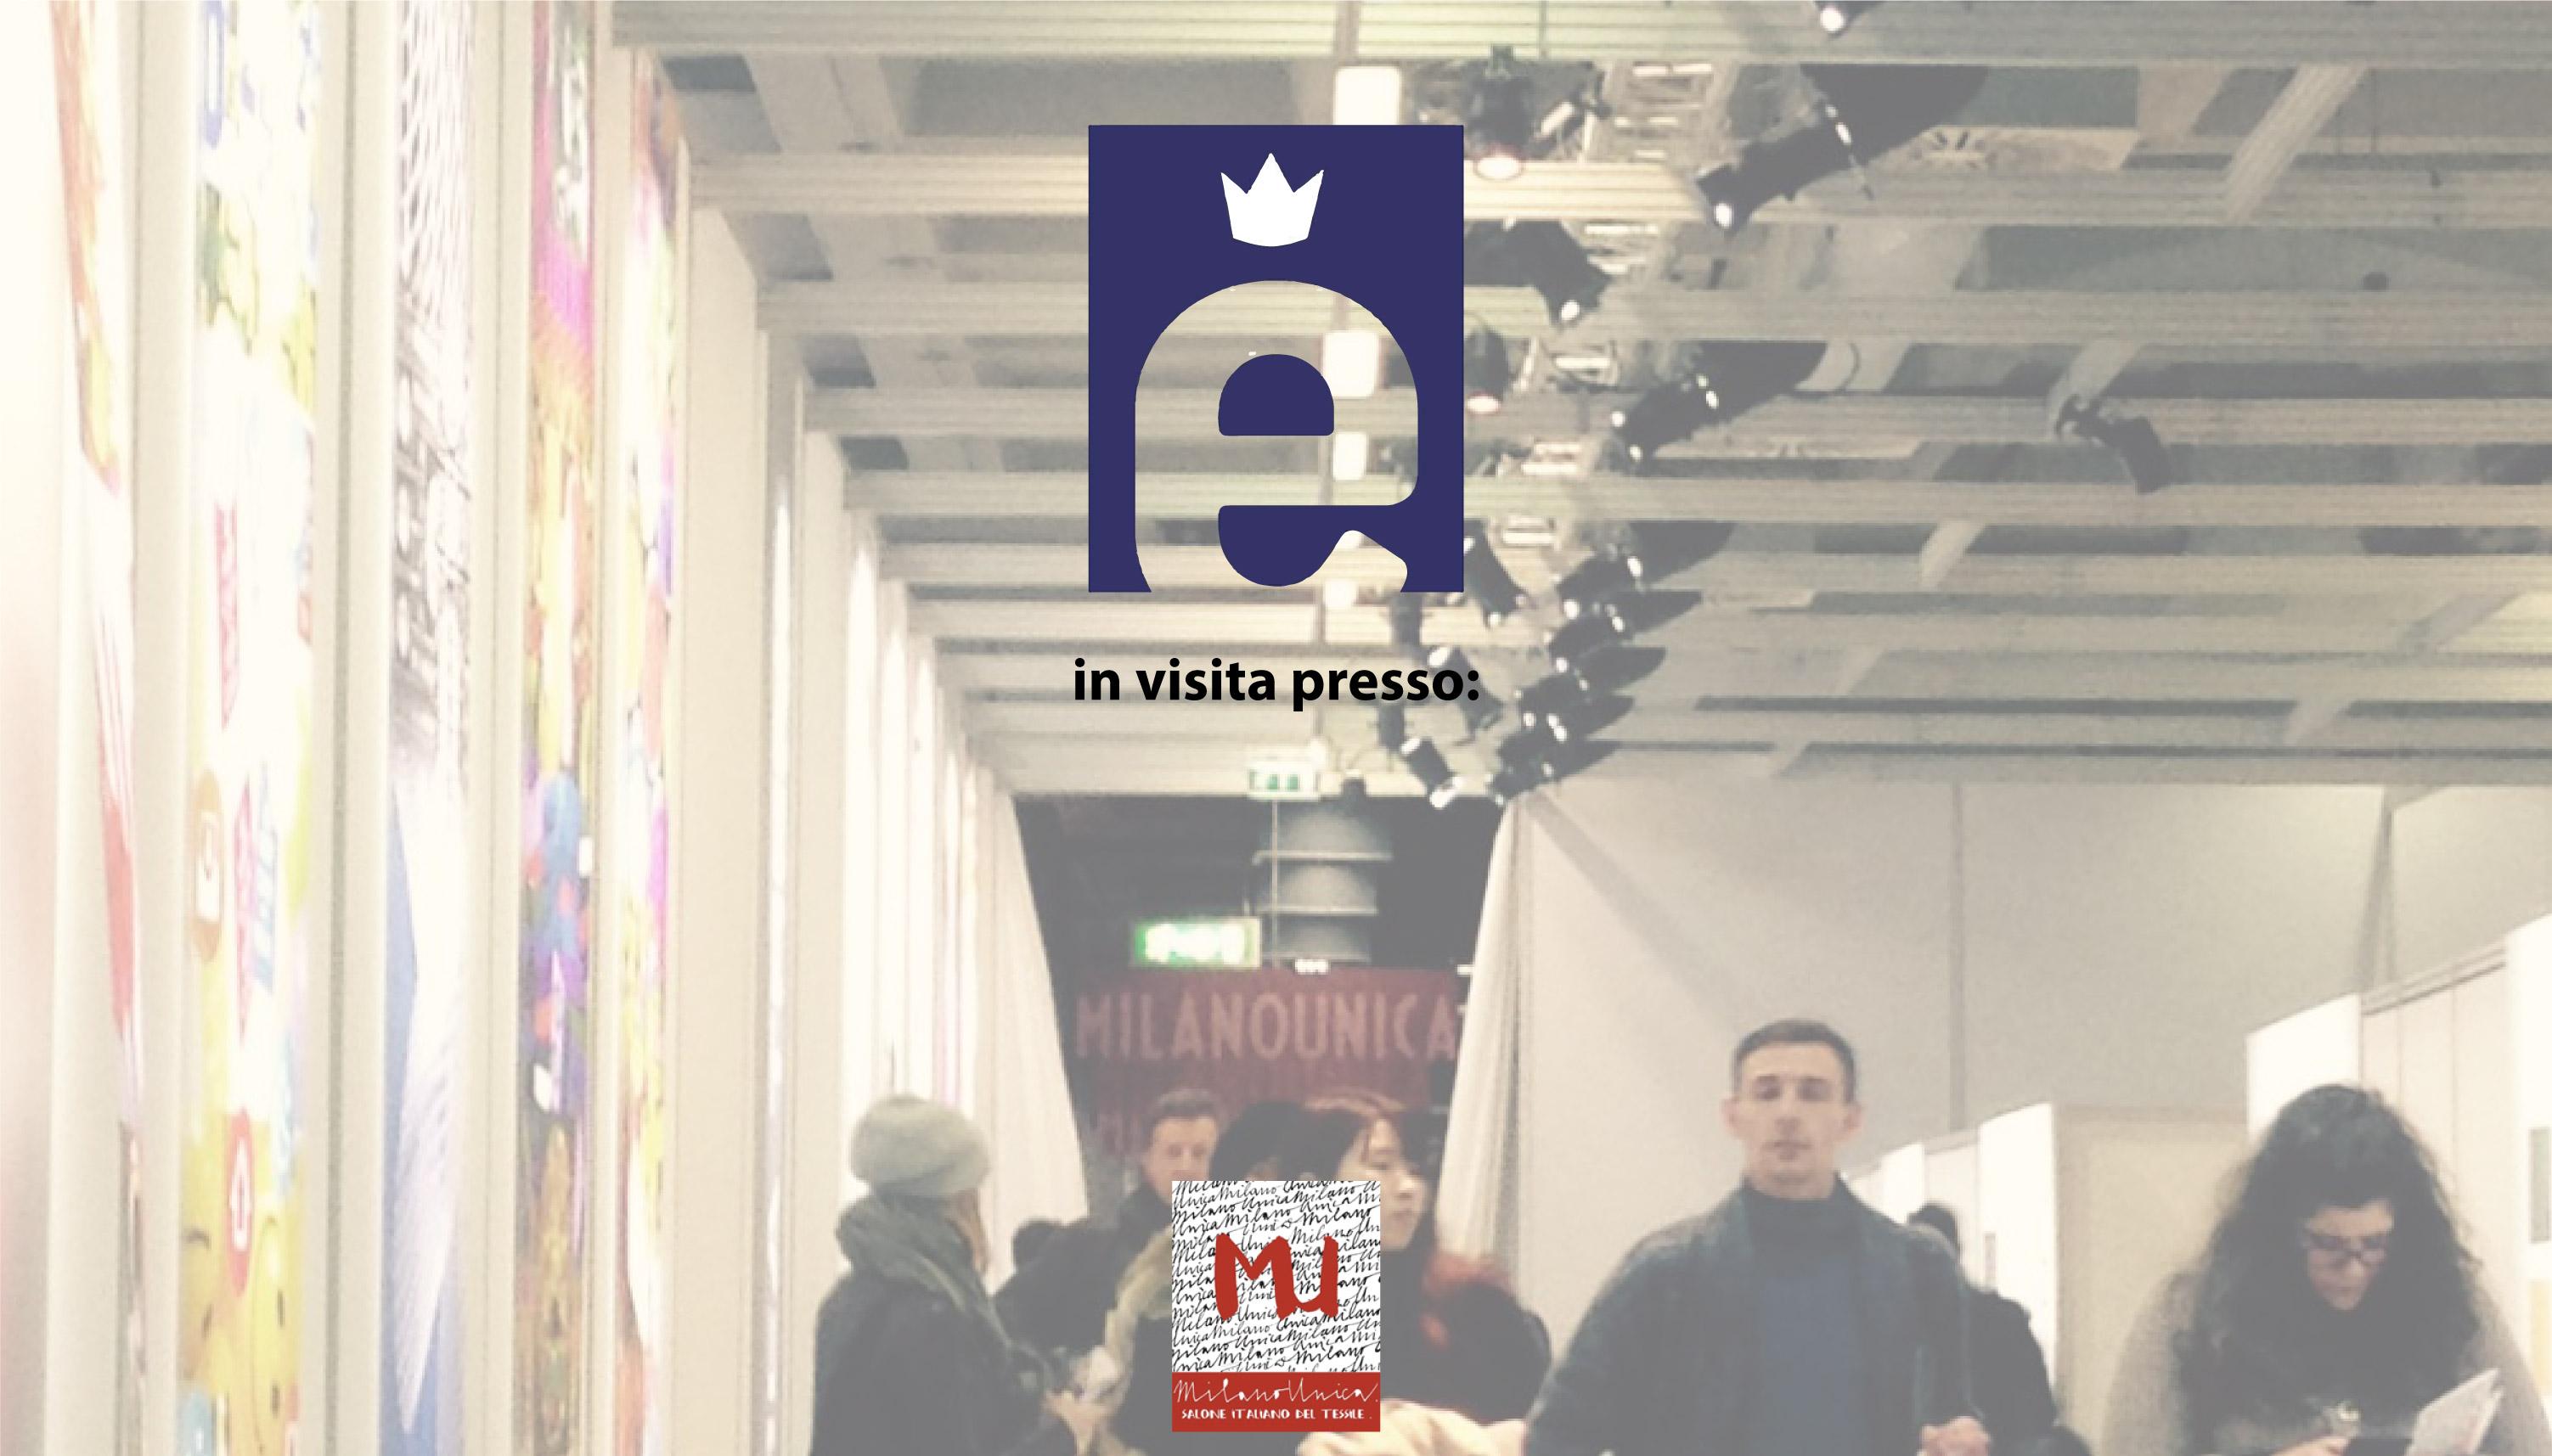 MILANOUNICA 2015 - Essedue srl, l' azienda in continua innovazone.